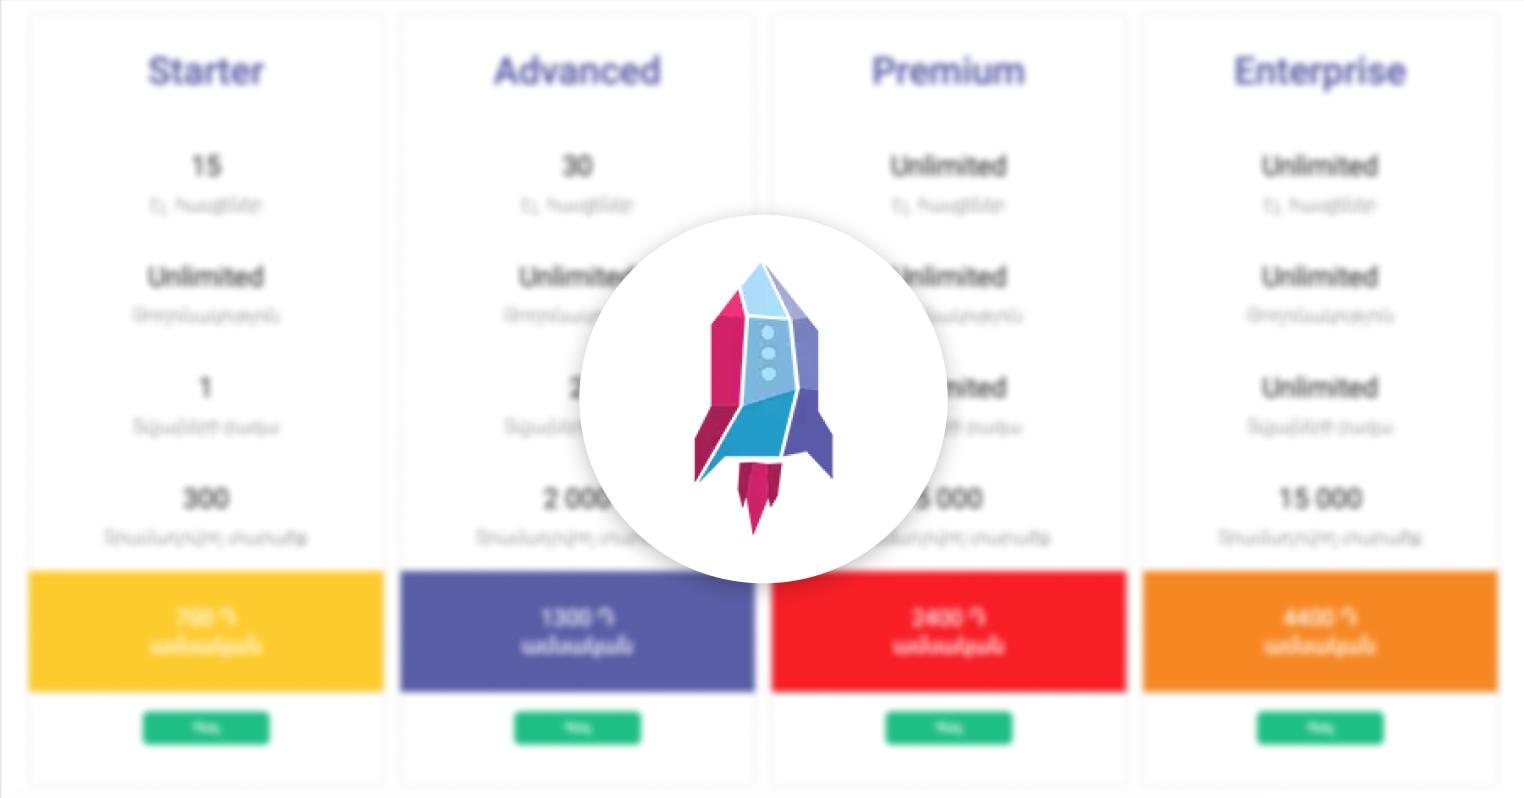 ce site- uri generează venituri și internet)